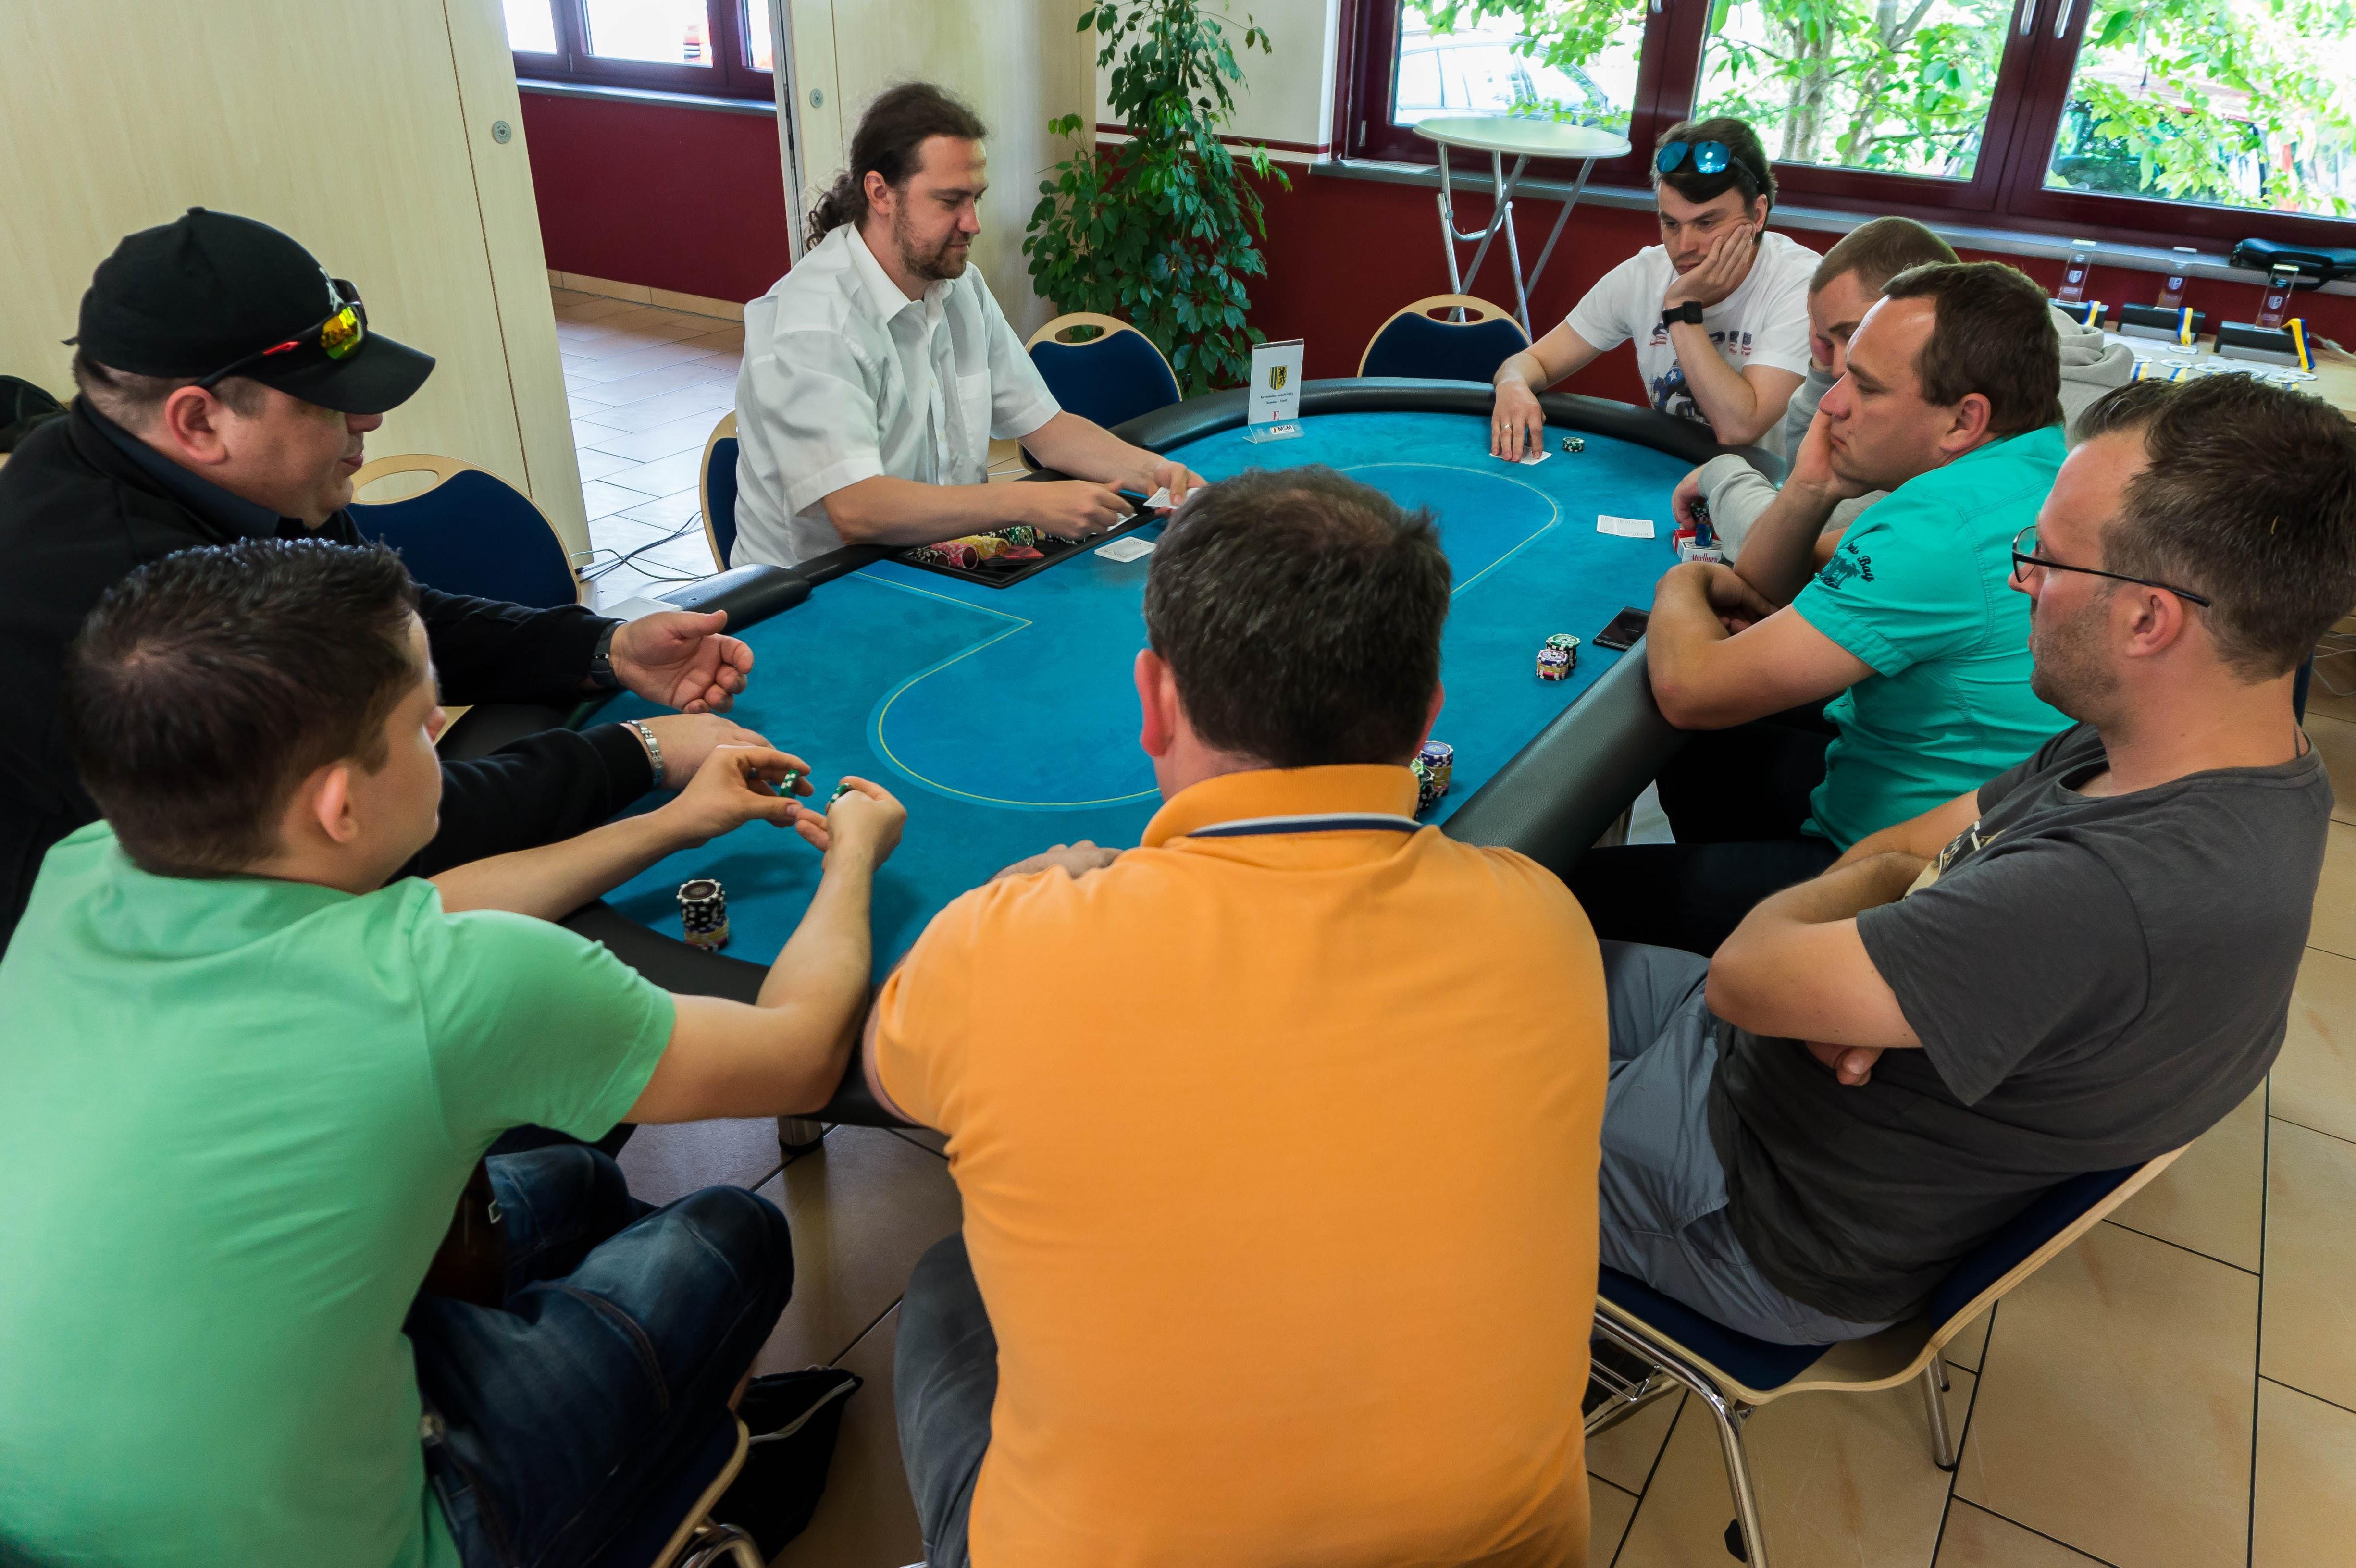 Chemnitz poker